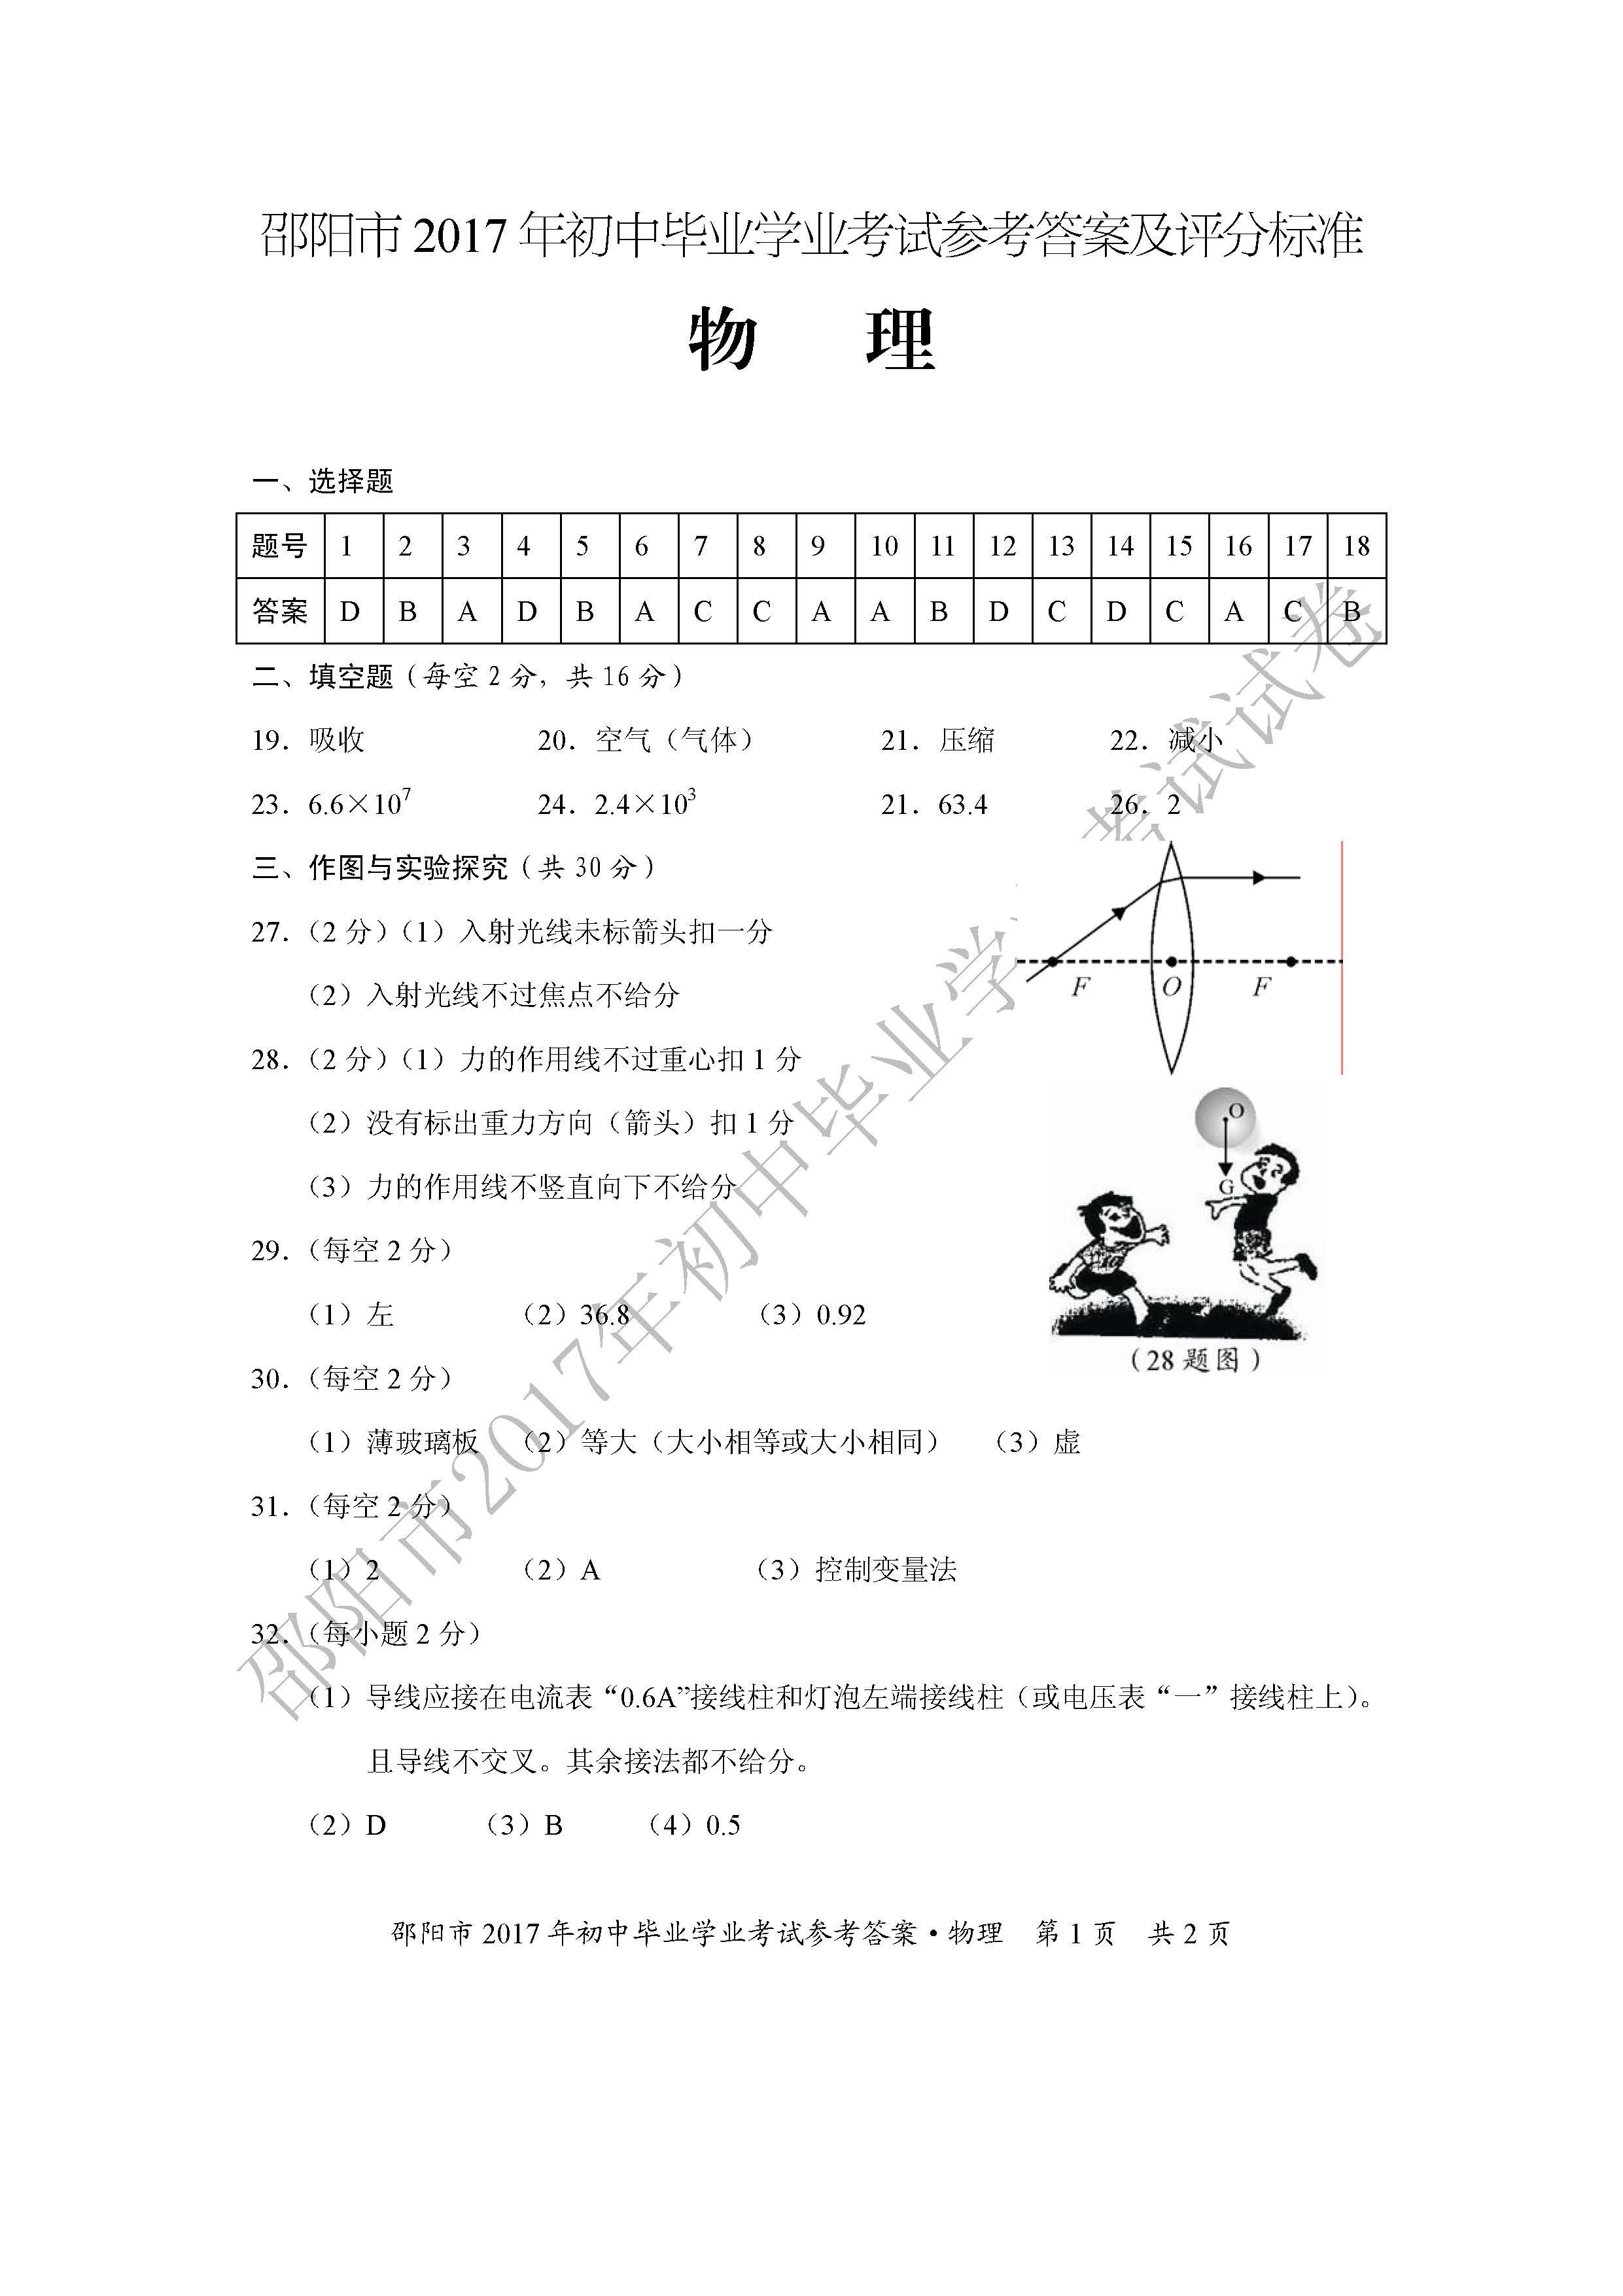 2017邵阳中考物理试题及答案解析(图片版含答案)